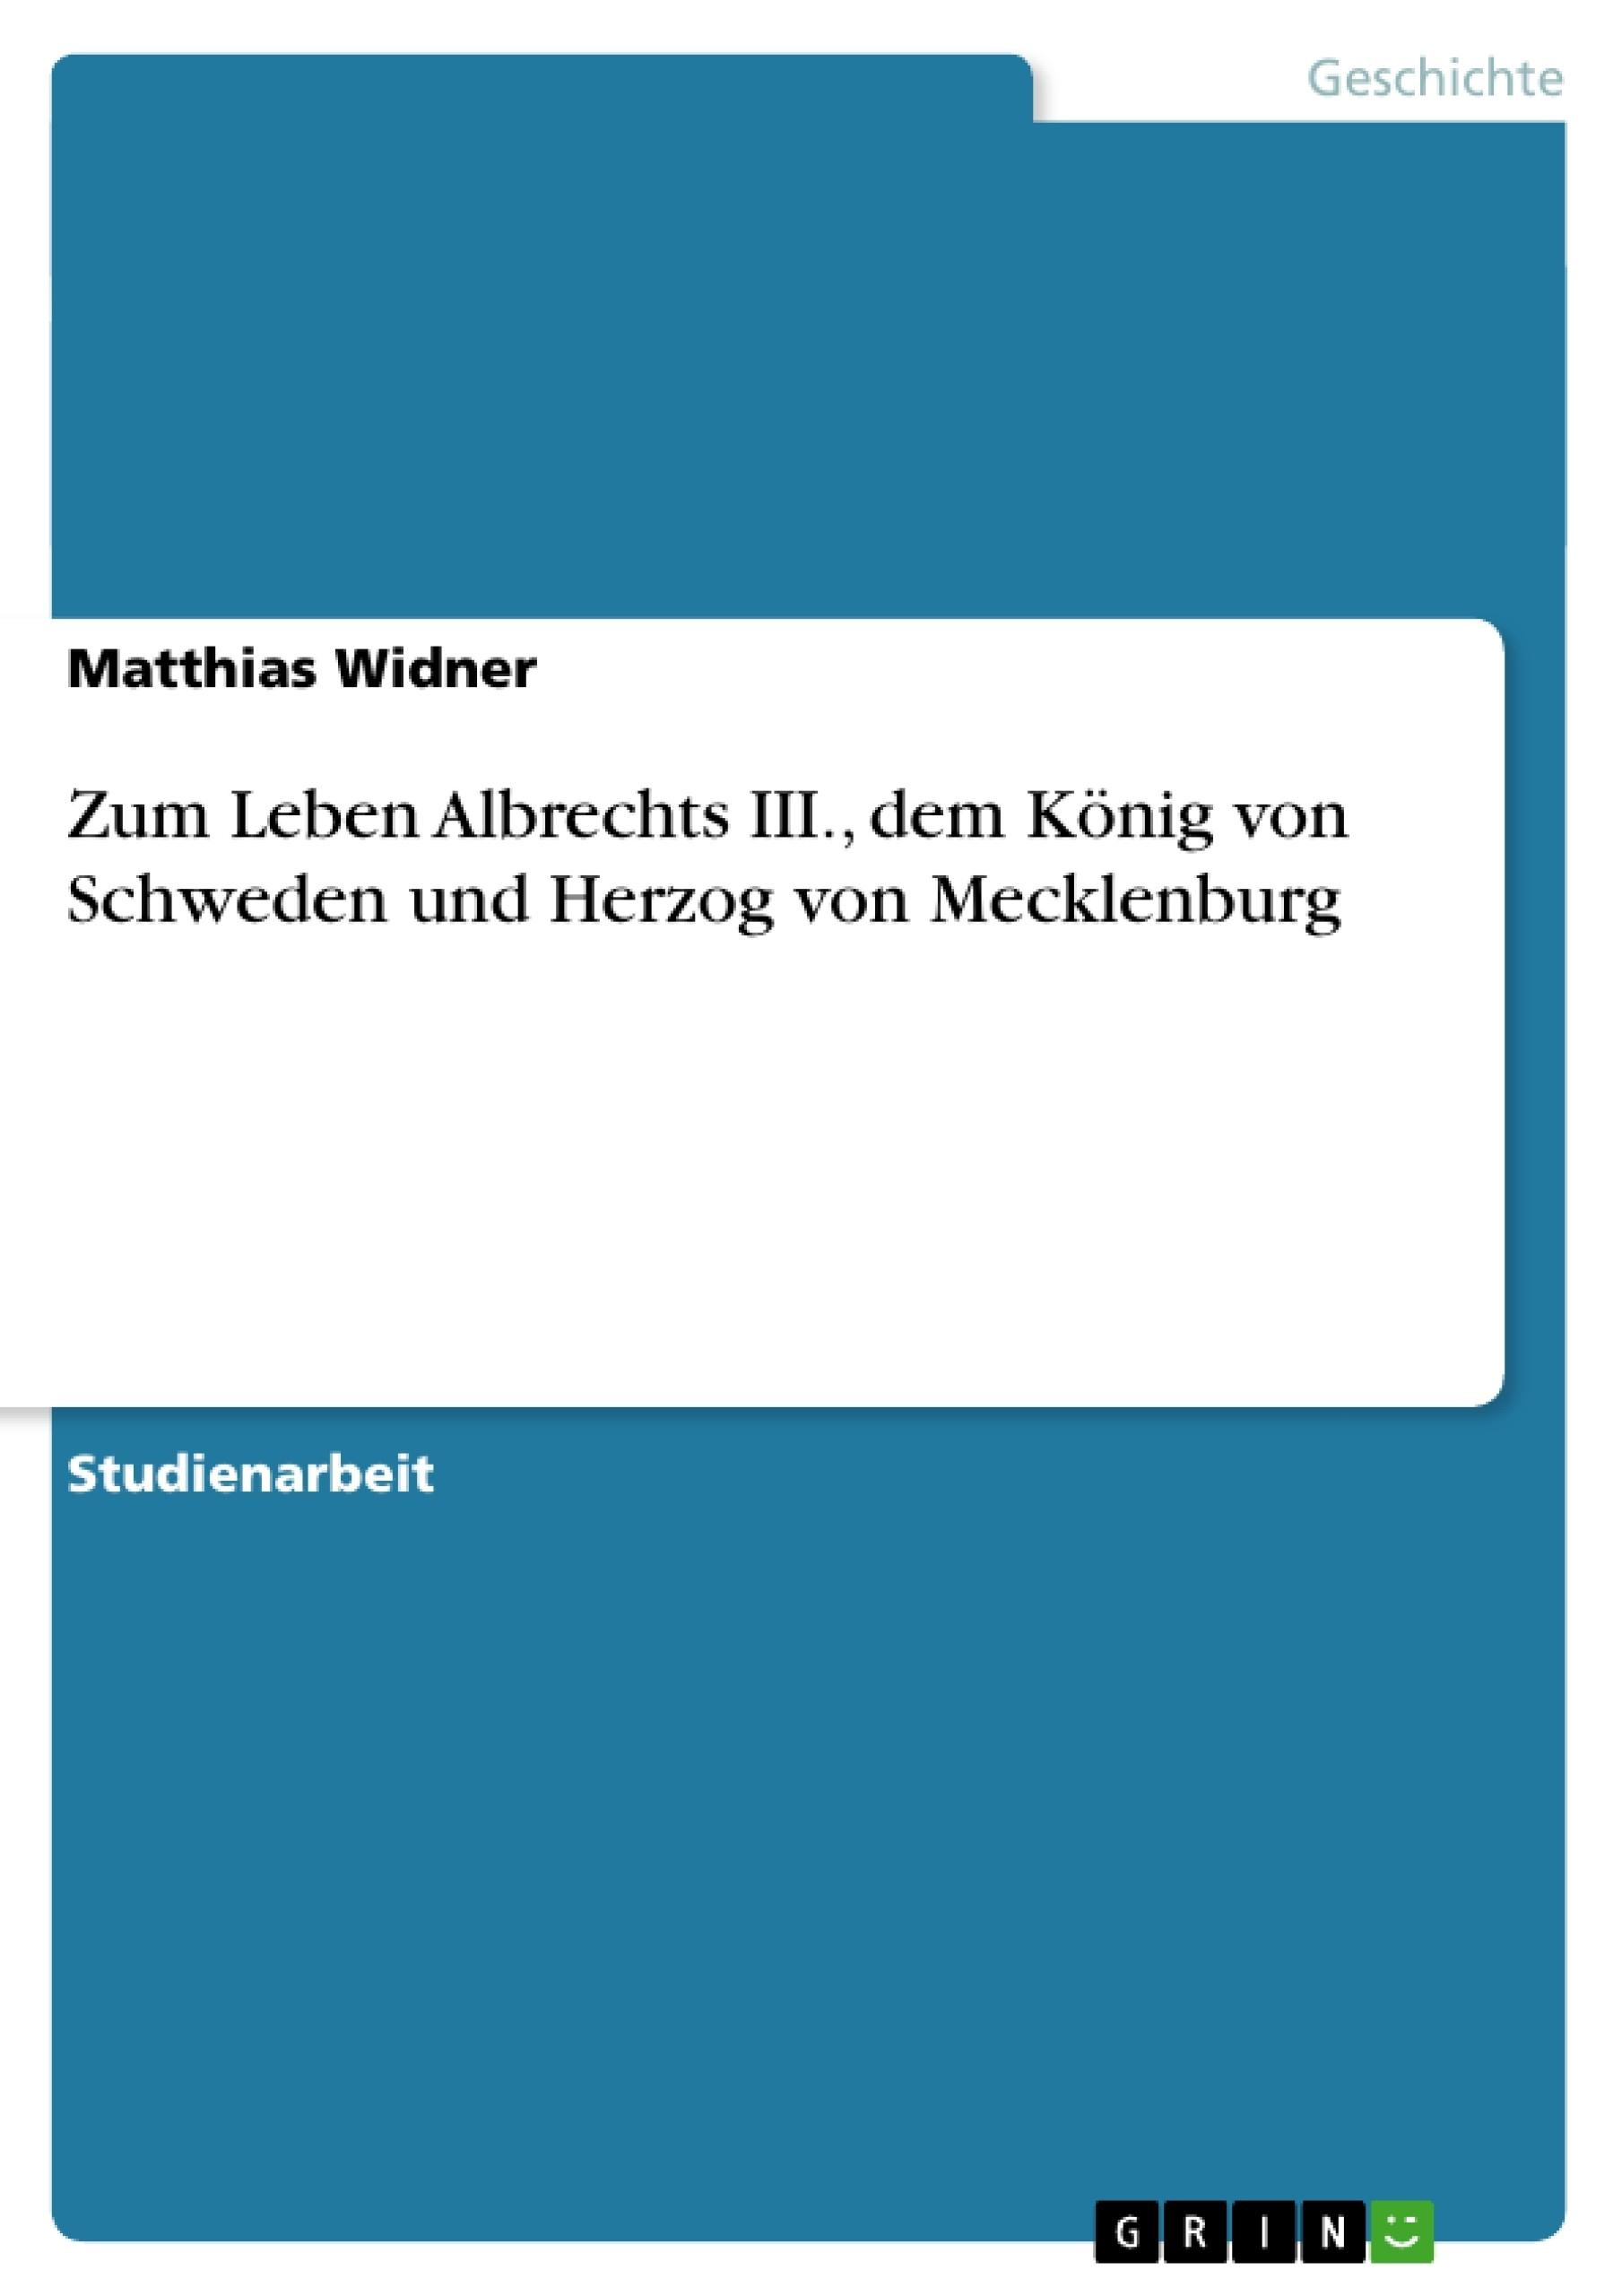 Titel: Zum Leben Albrechts III., dem König von Schweden und Herzog von Mecklenburg